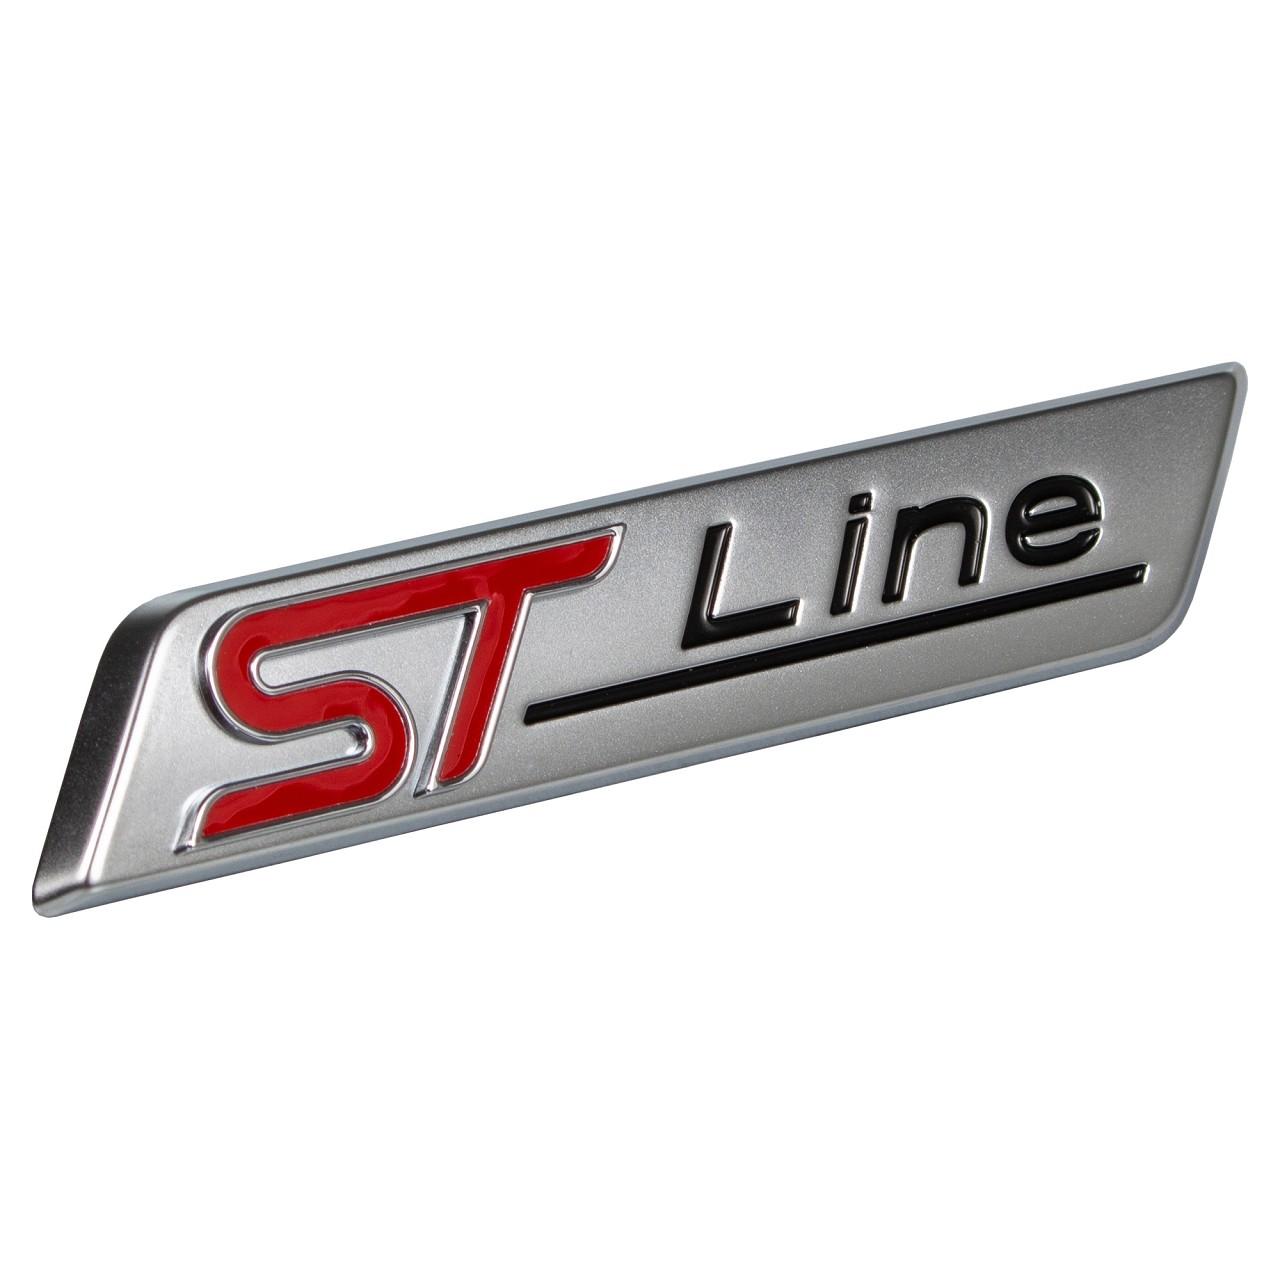 """ORIGINAL Ford Emblem Plakette Schriftzug """"ST-Line"""" vorne links / rechts 2044452"""